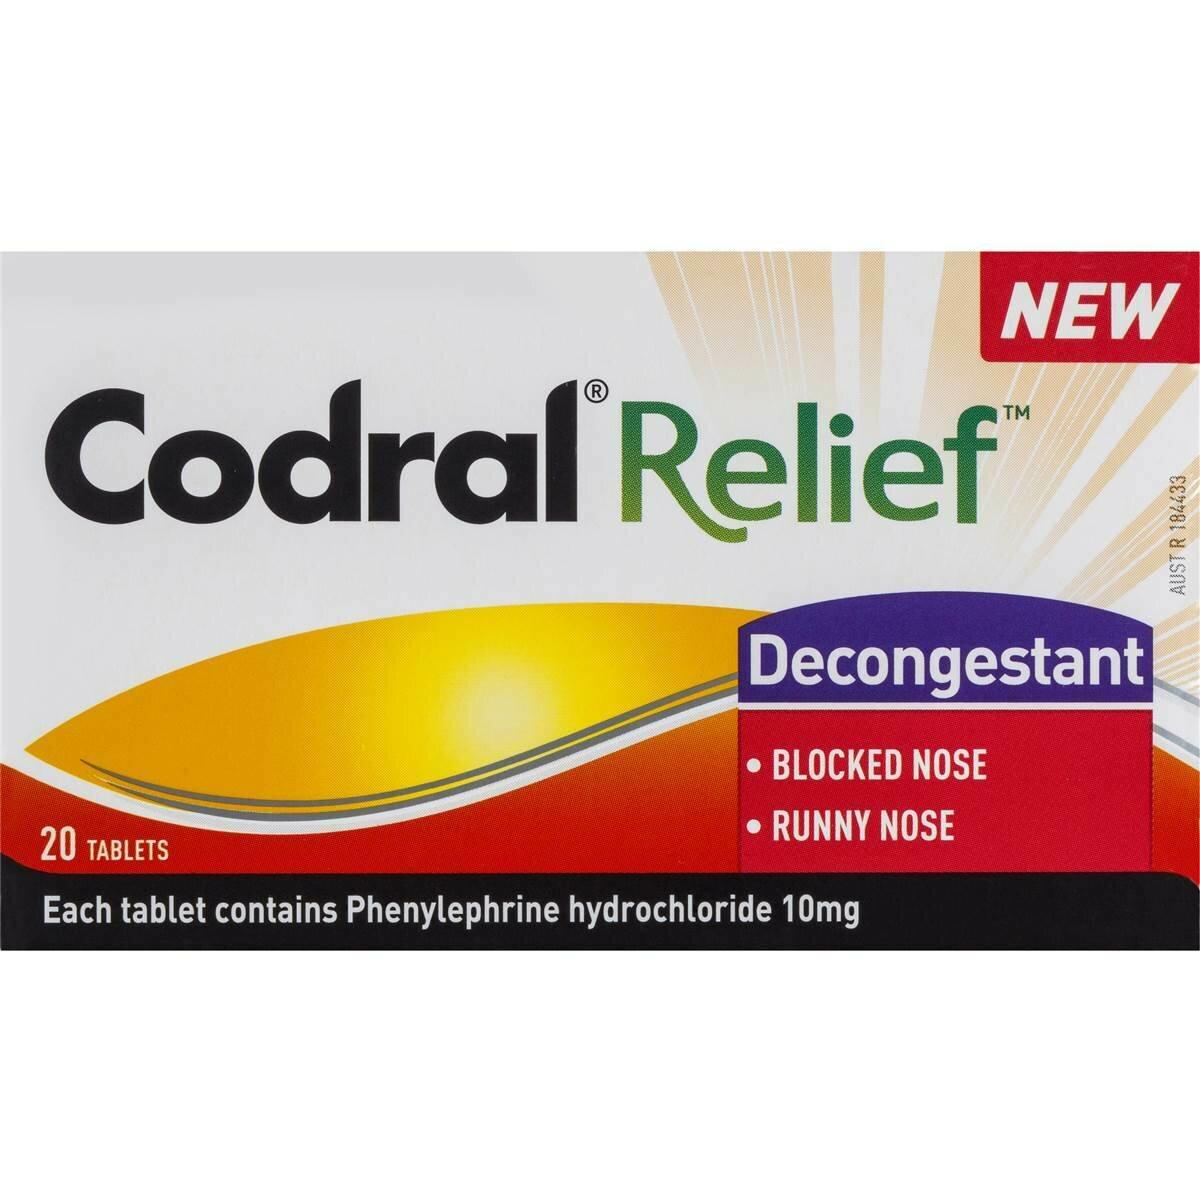 Codral Relief Decongestant 20PK